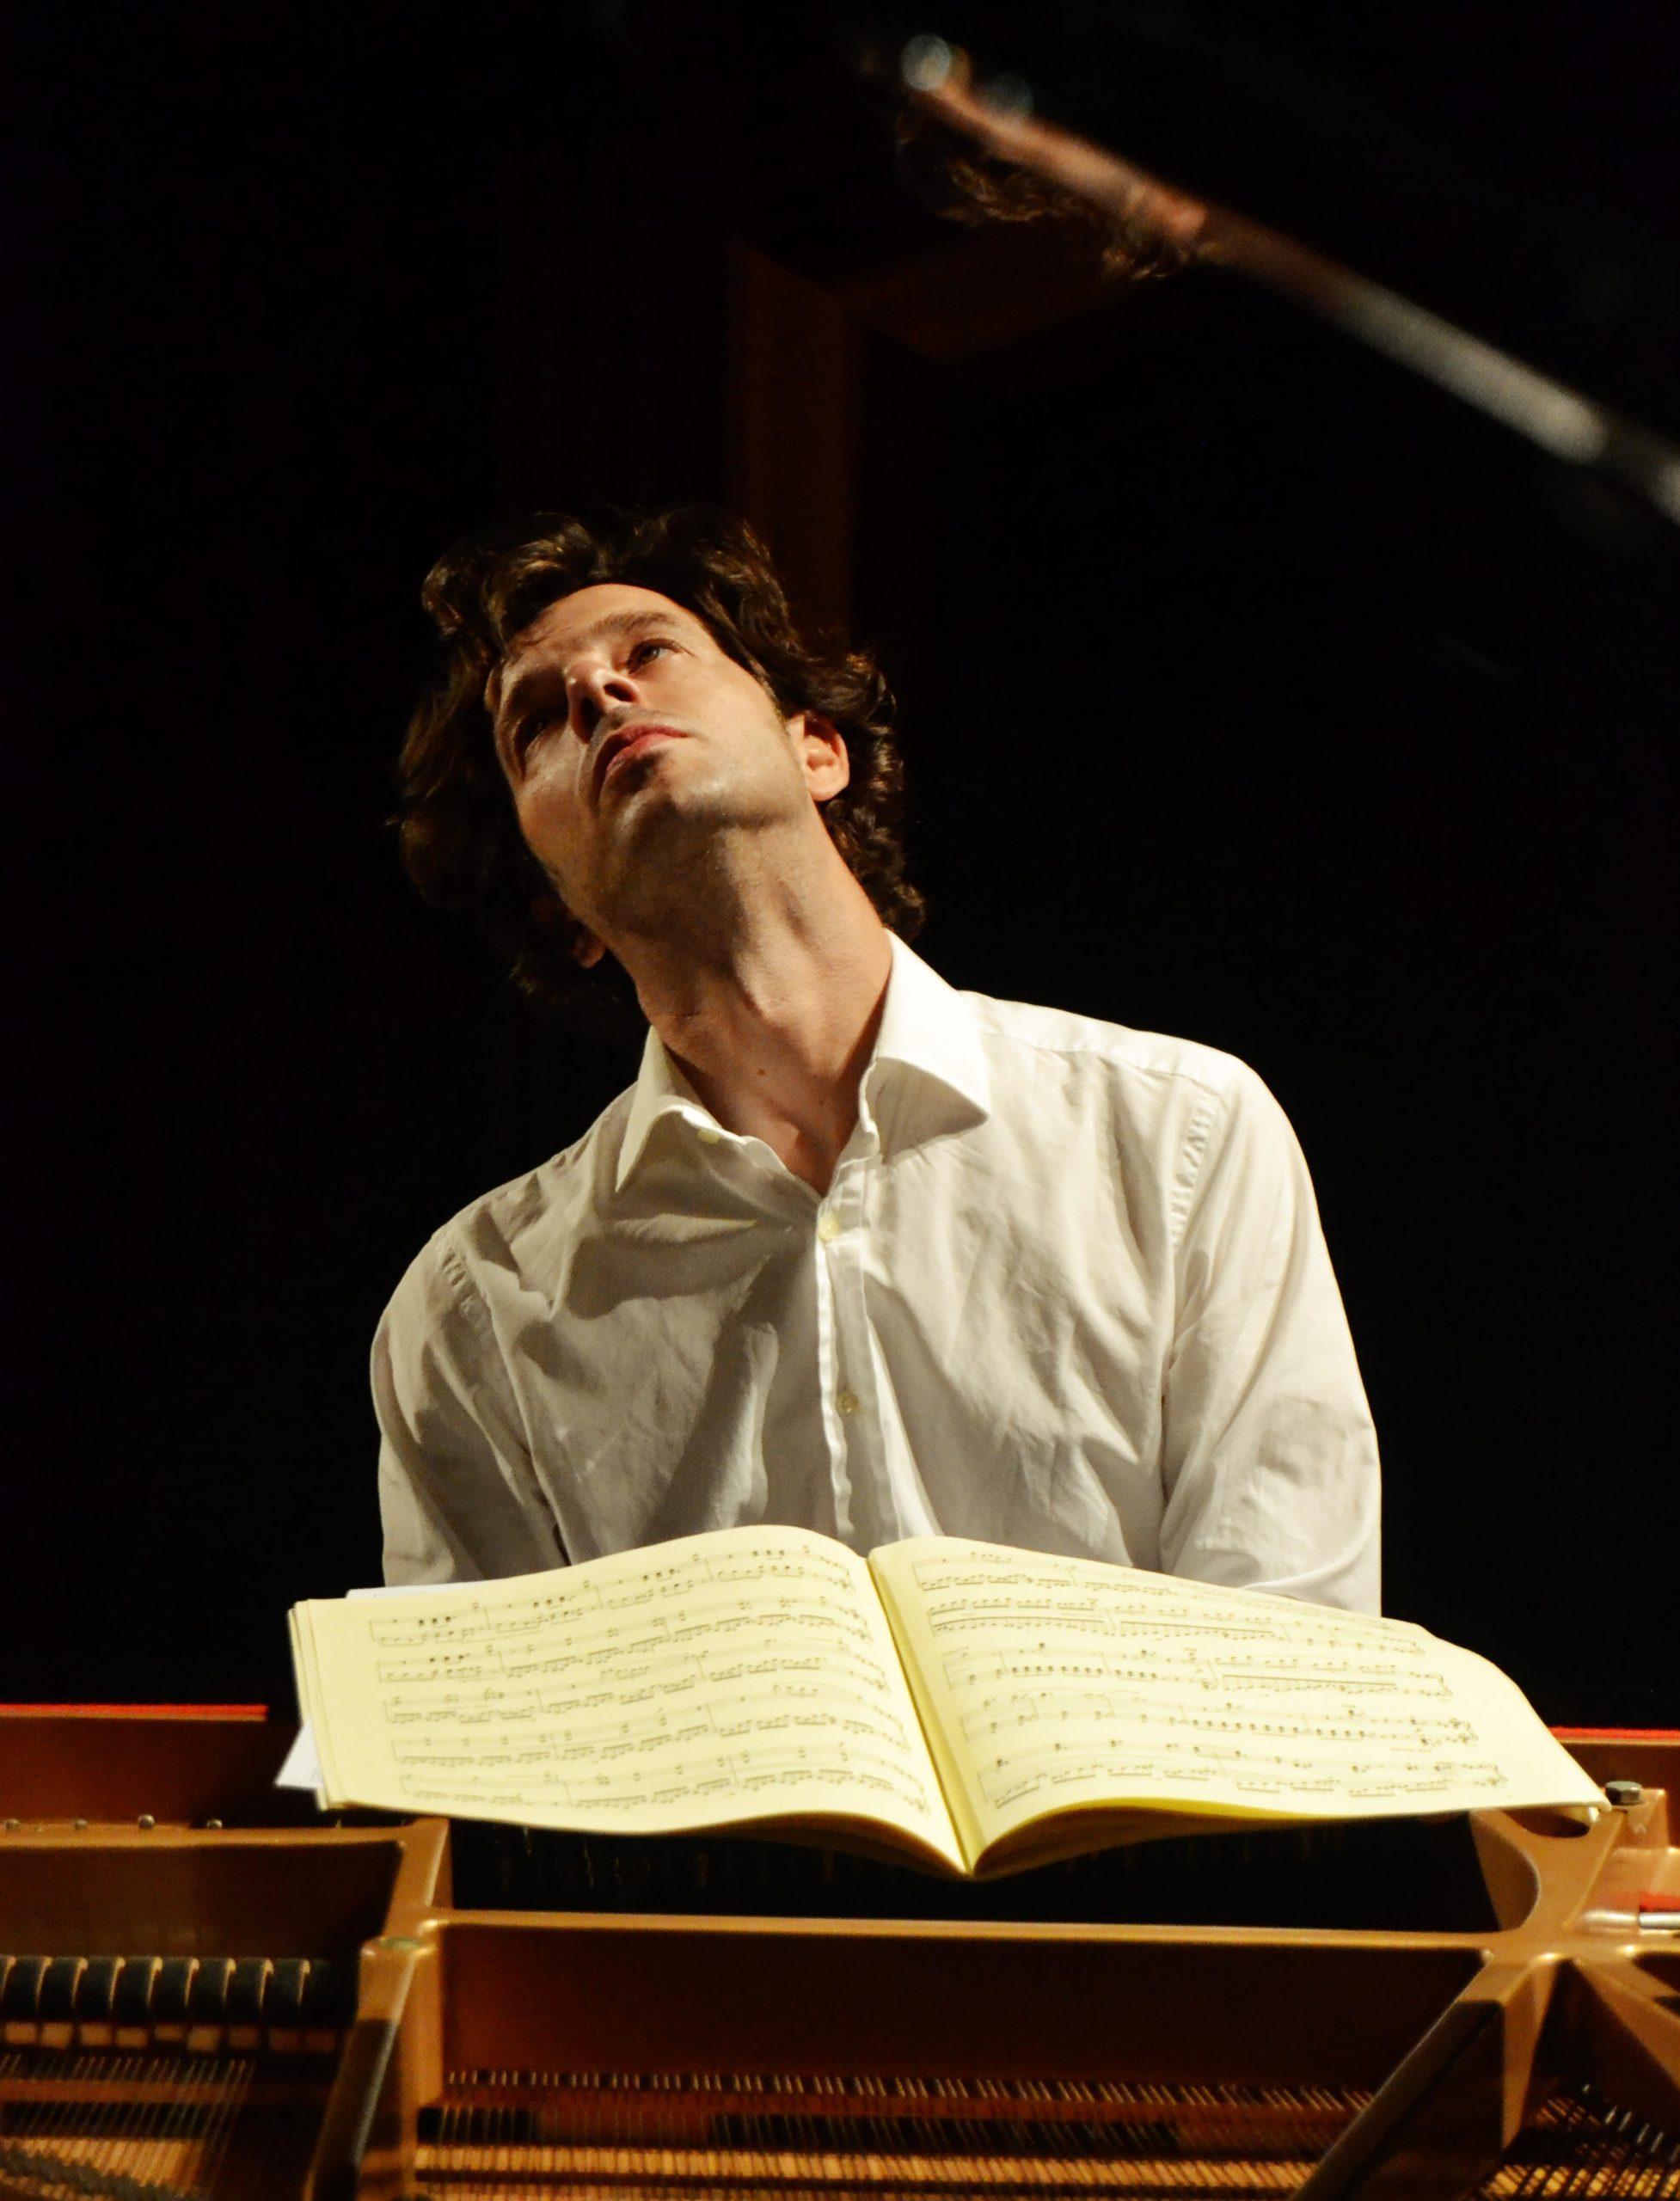 La Real Academia de Bellas Artes ofrece en Santa Cruz de La Palma un concierto de piano con Javier Laso